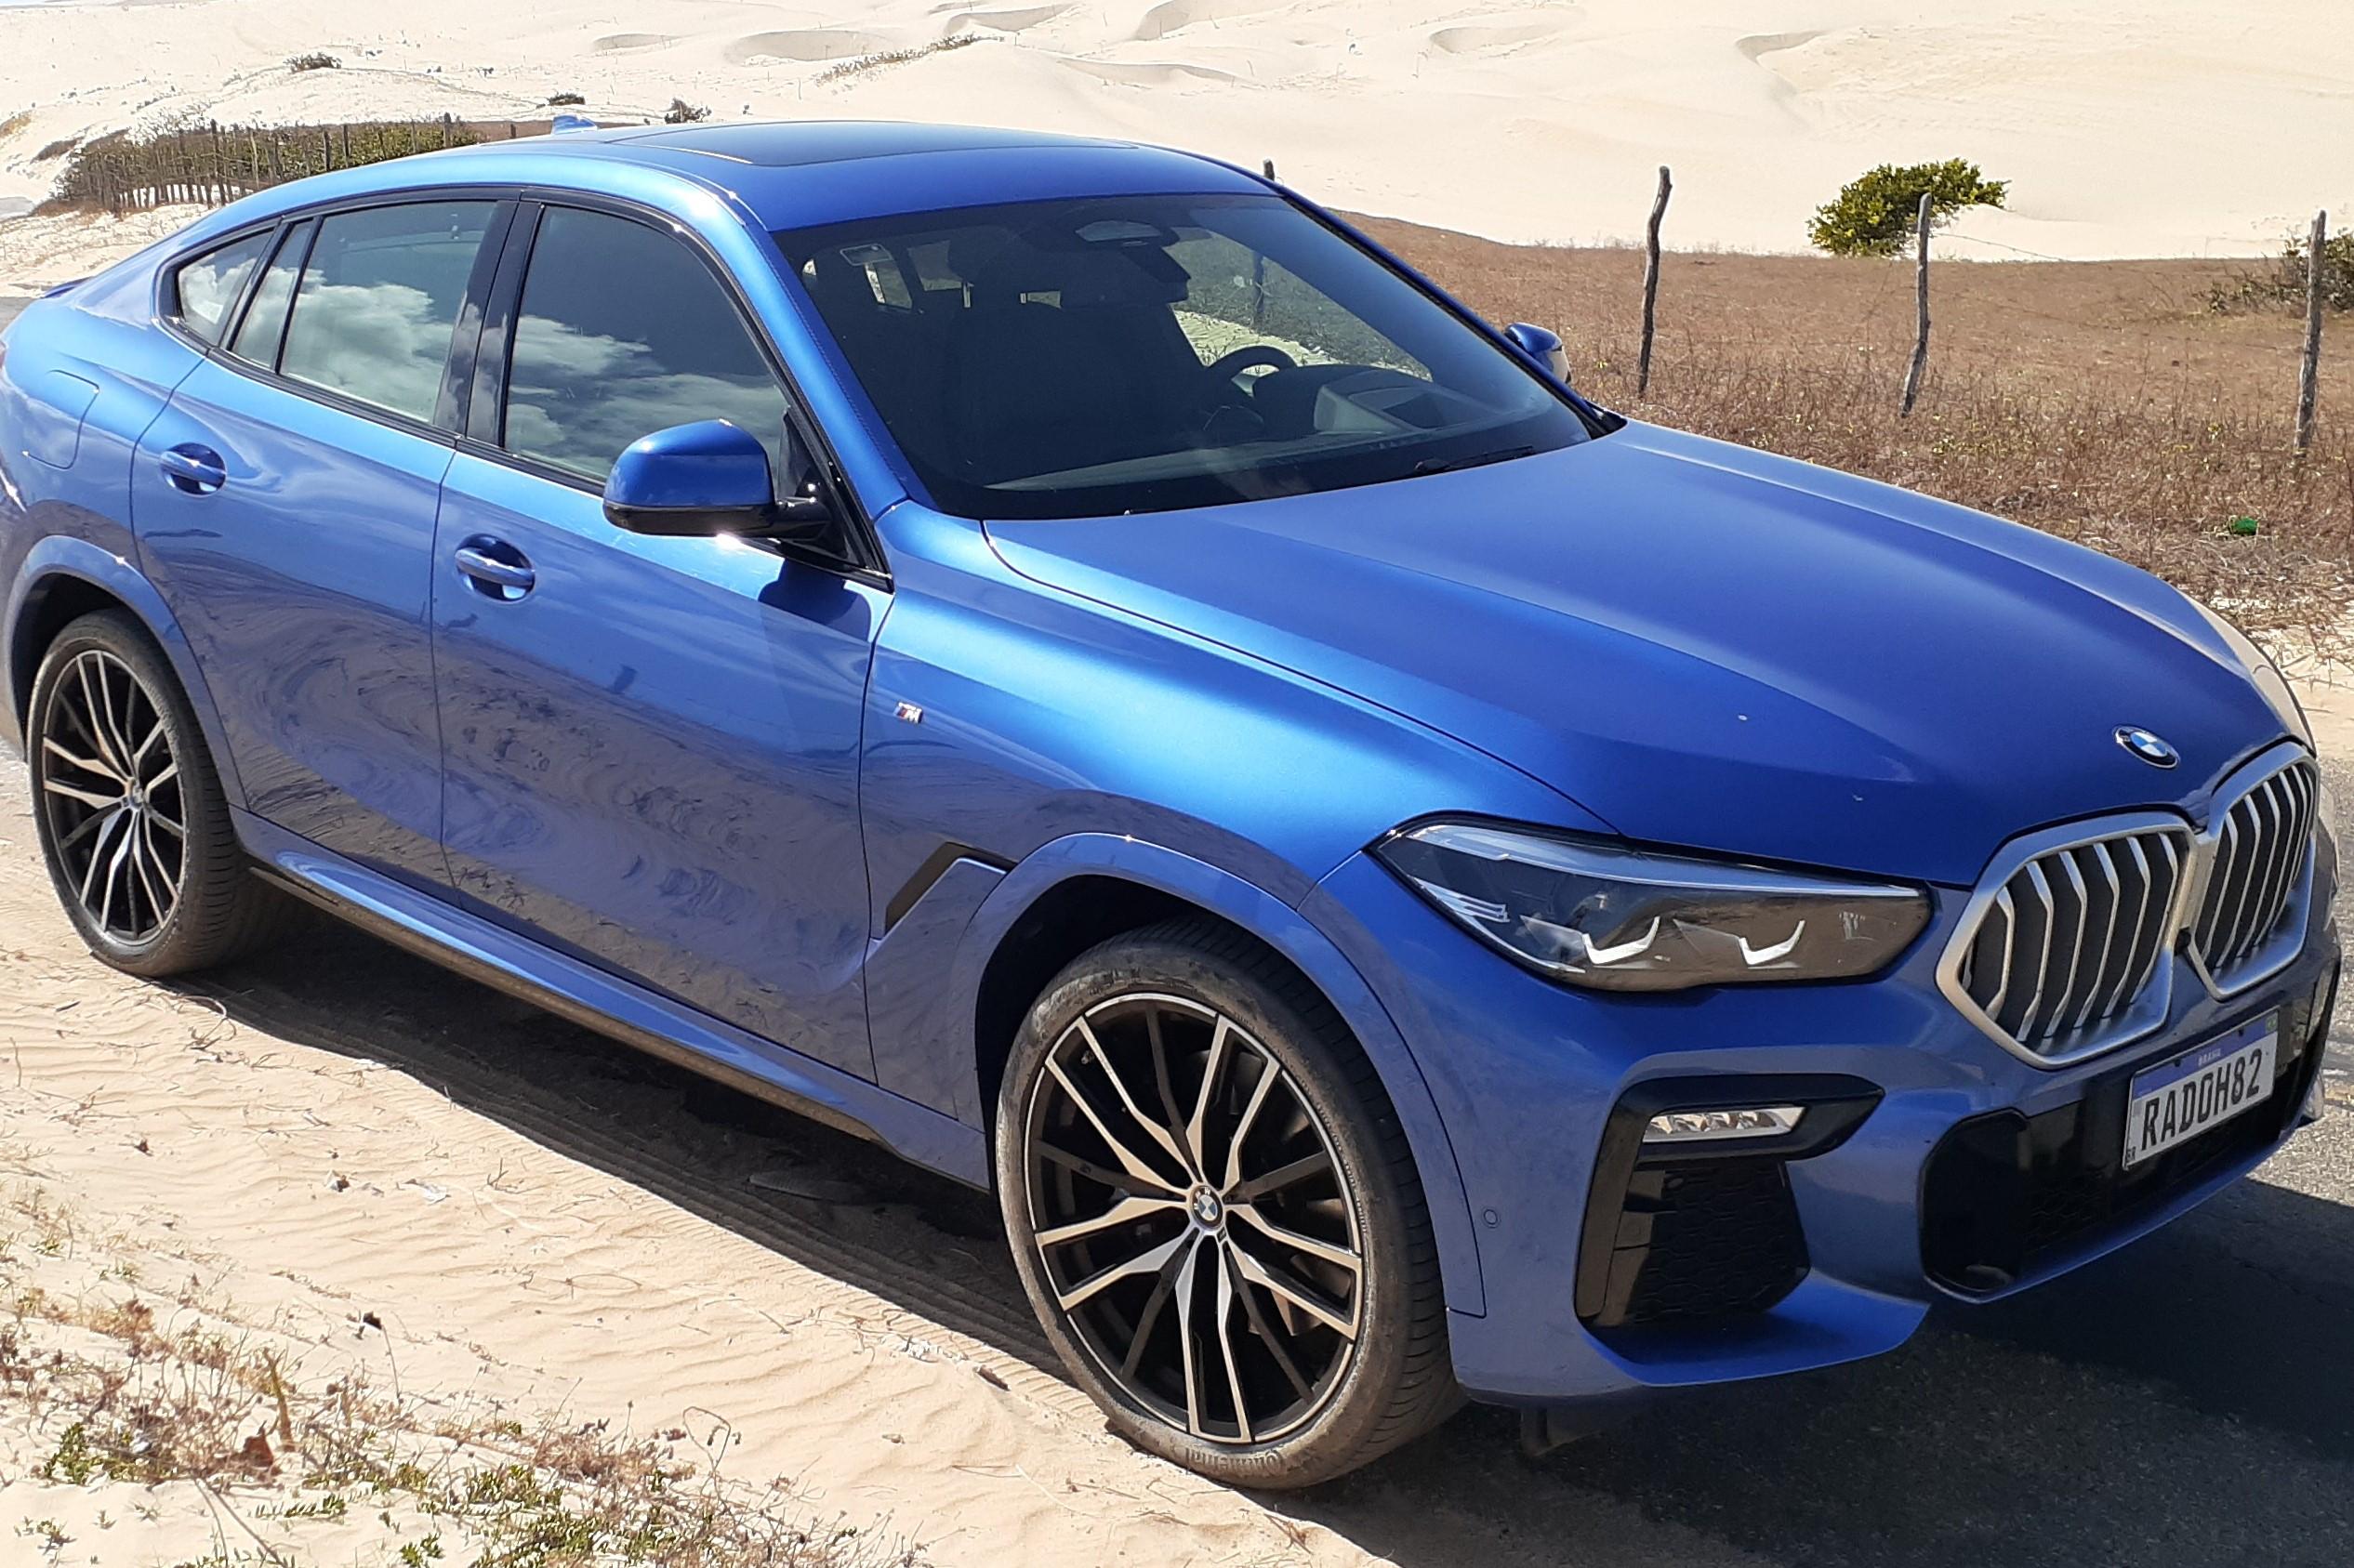 Novo BMW X6 : bem-vindo ao surreal!